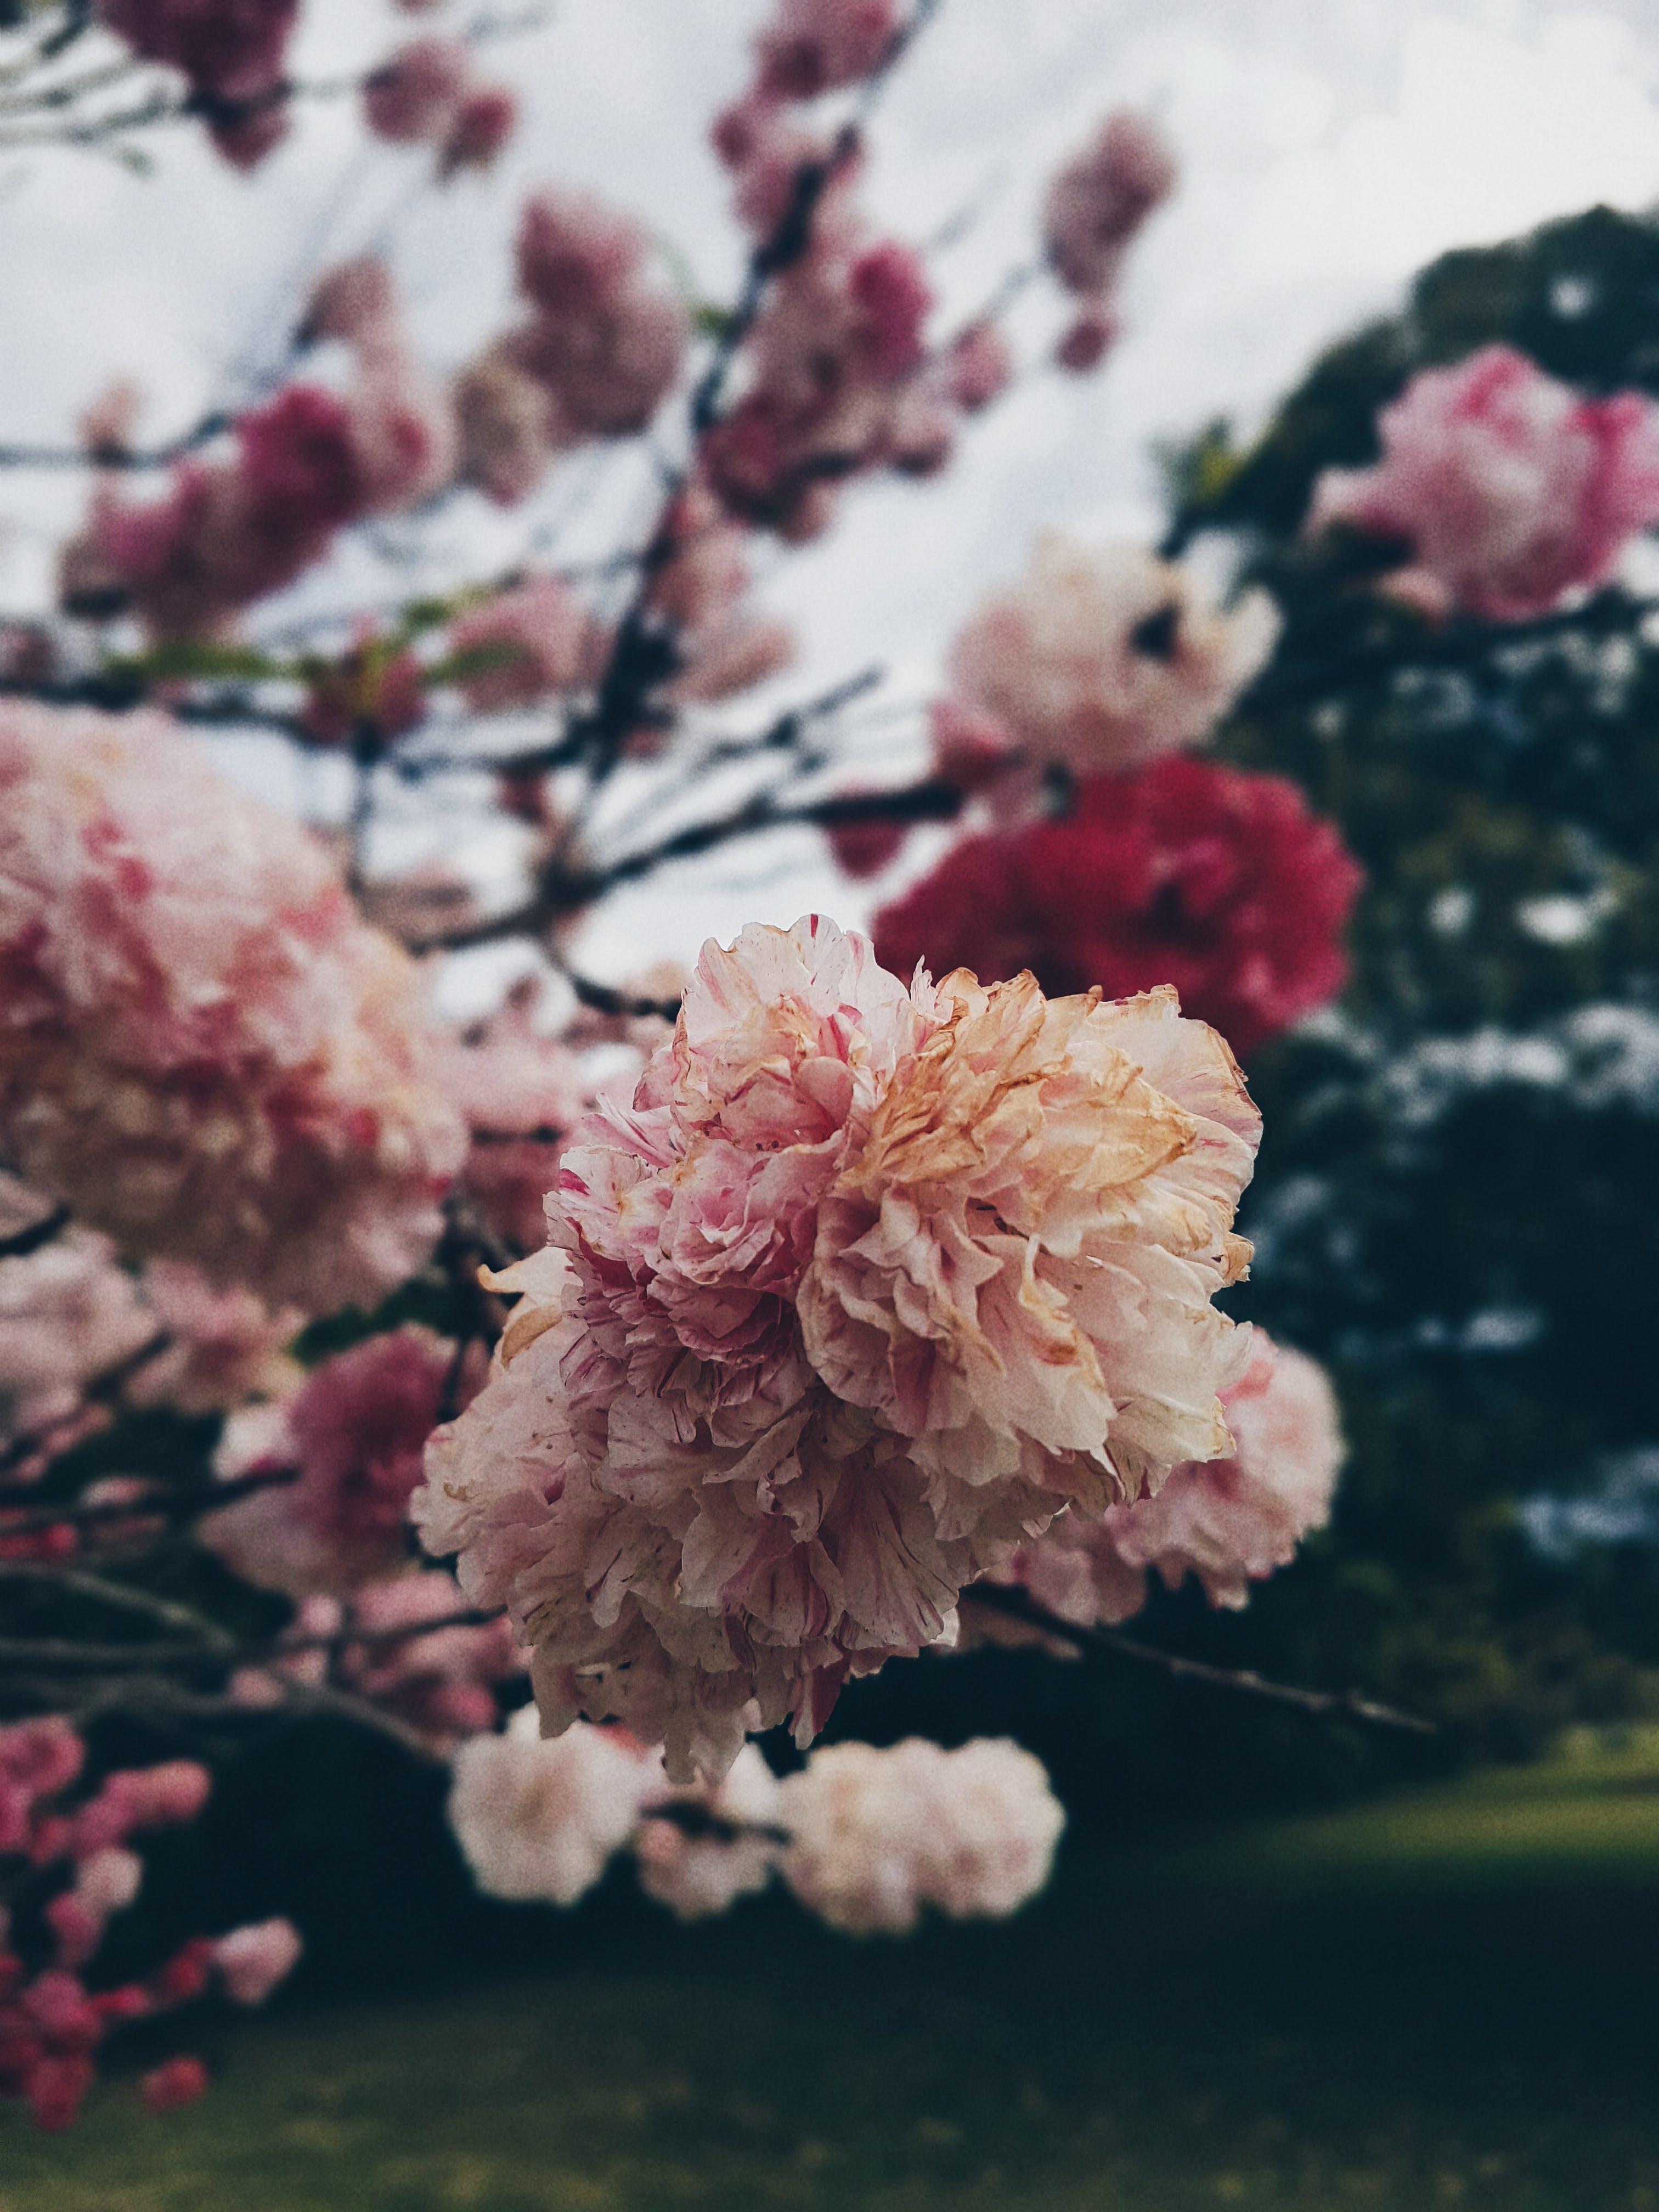 Kostenloses Stock Foto zu natur, blumen, garten, blütenblätter